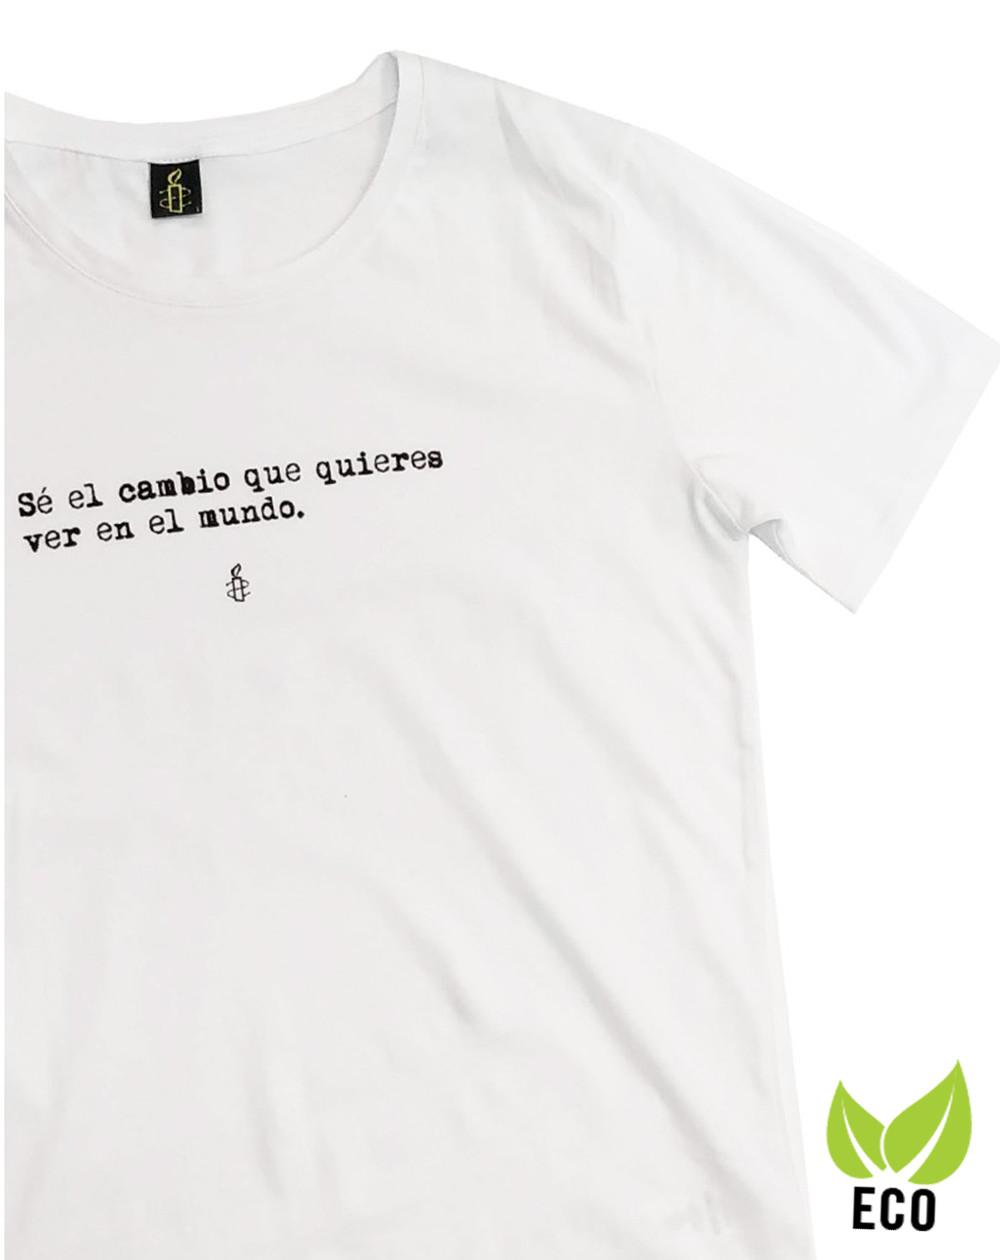 Camiseta hombre 100% algodón orgánico color blanco Amnistía Internacional con mensaje